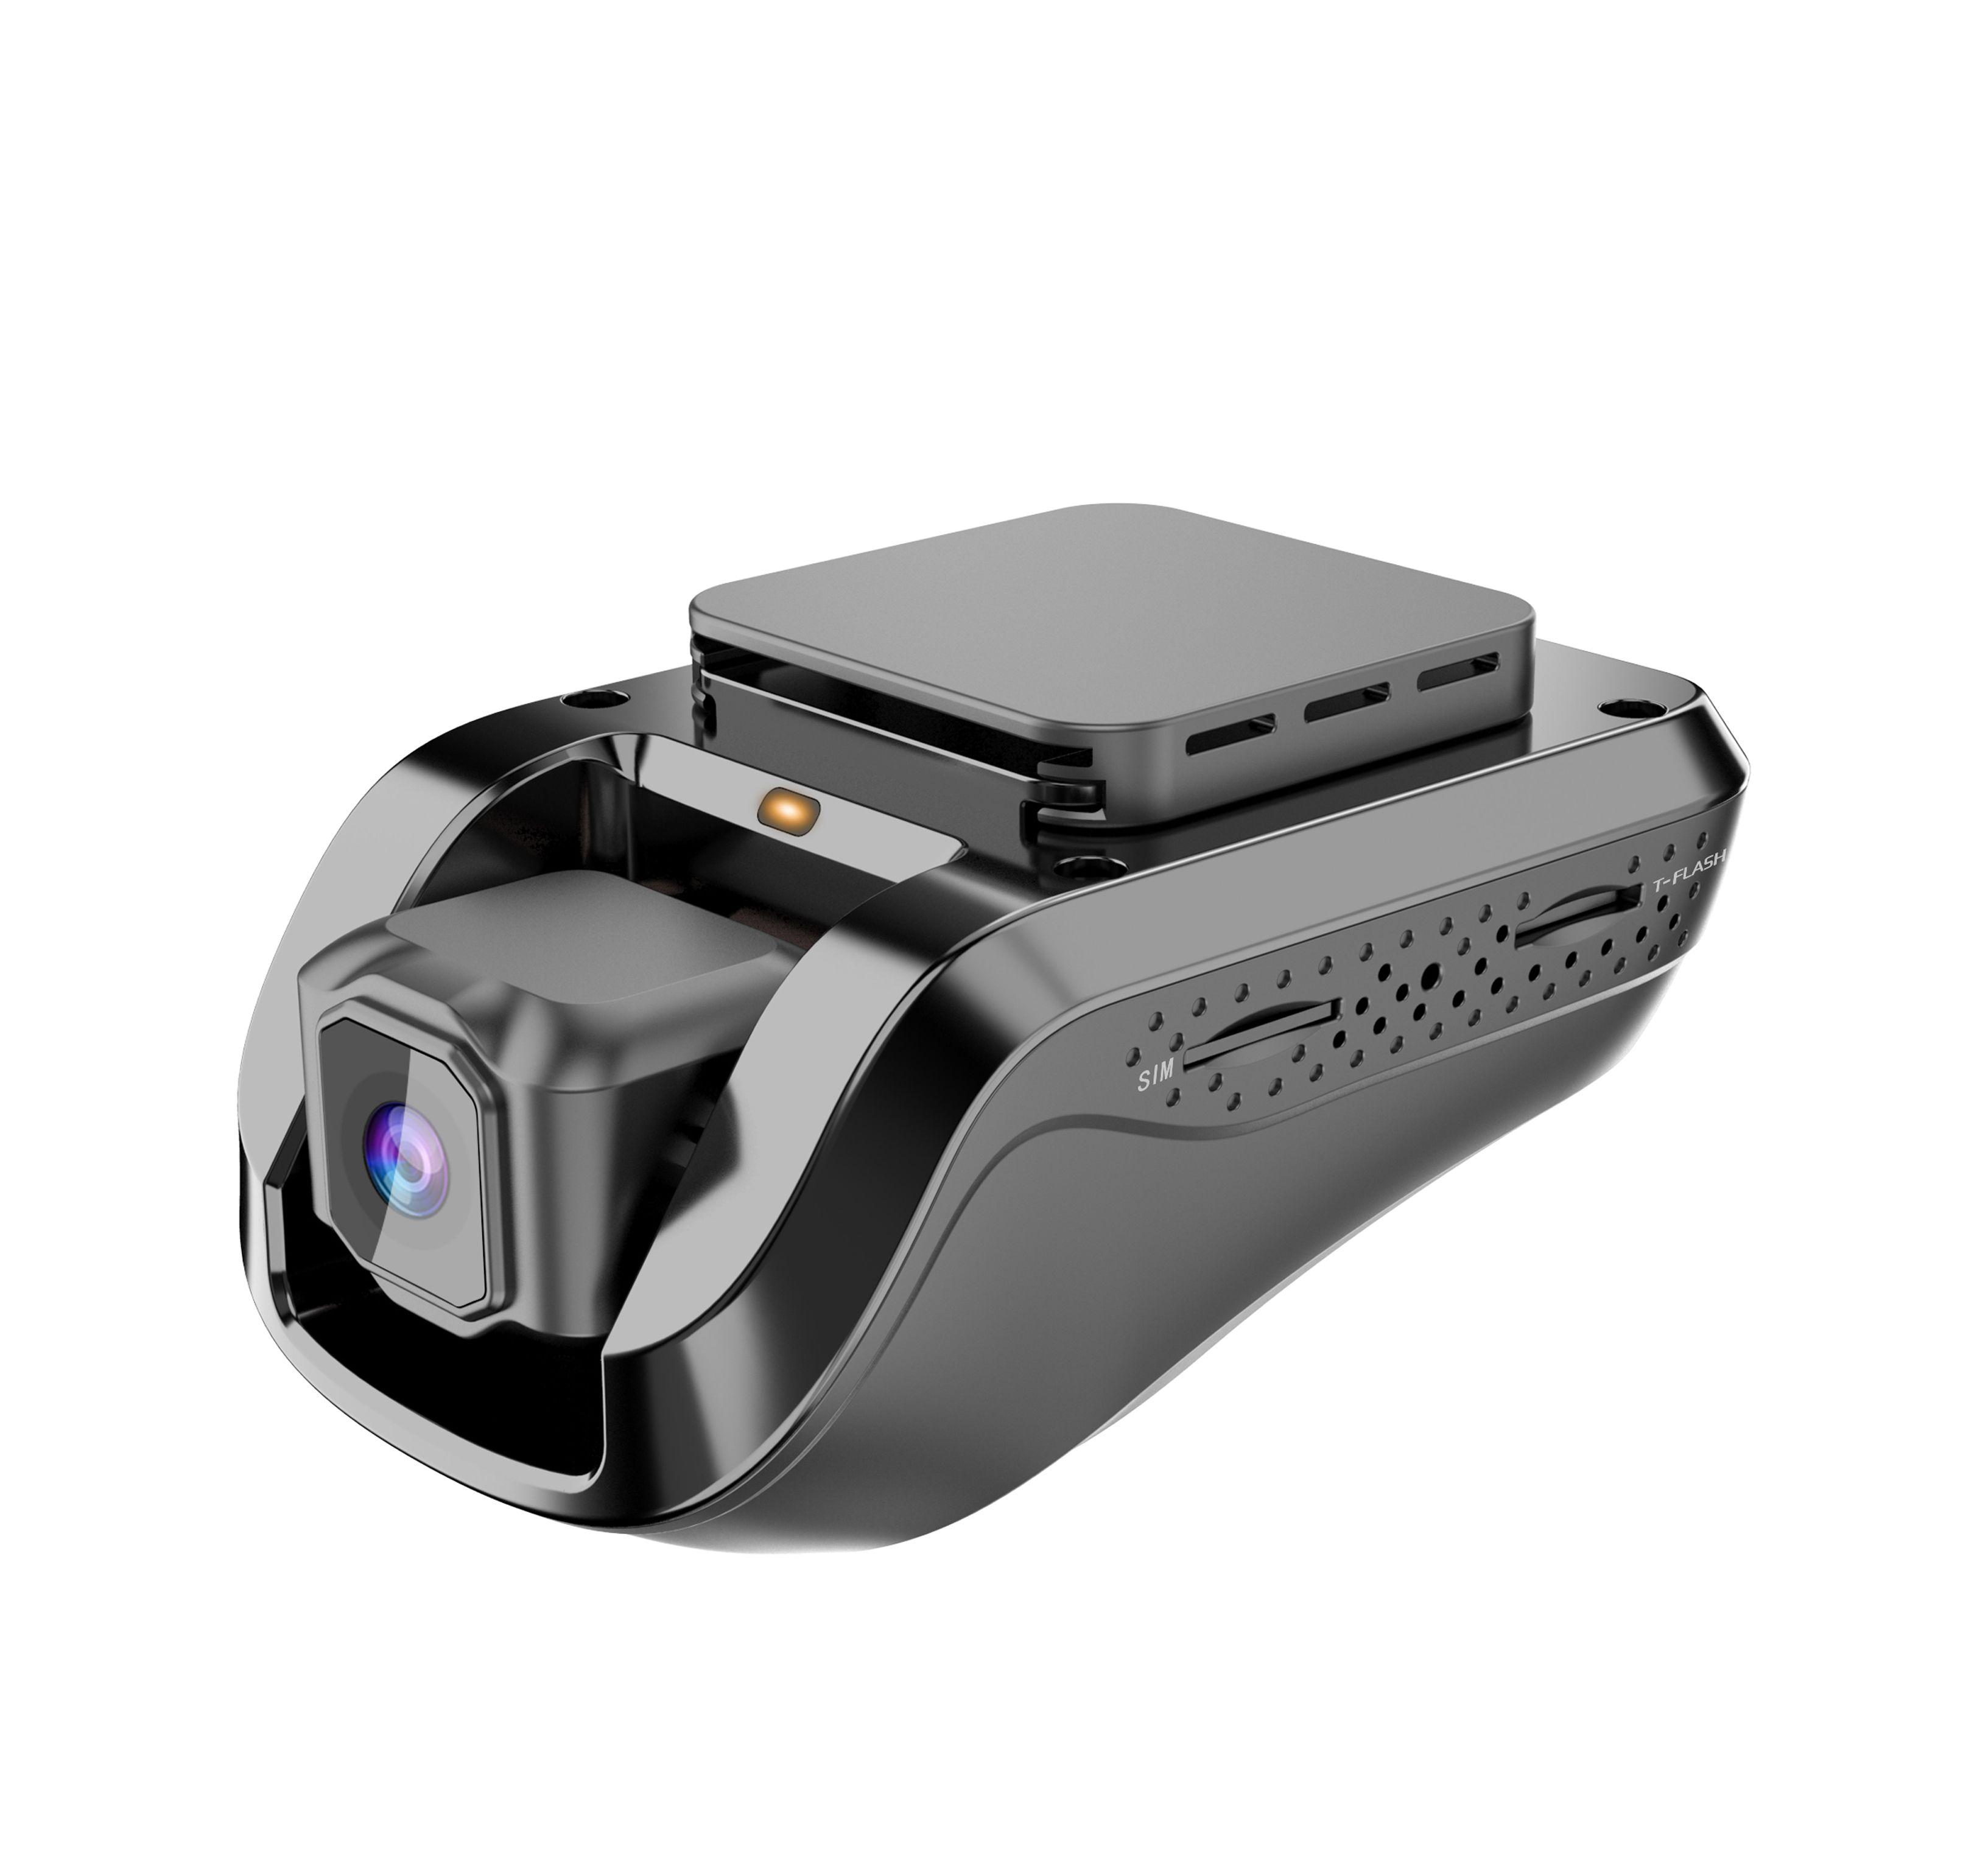 Jimi JC100 3G caméra de voiture Full 1080p GPS intelligent suivi caméra de tableau de bord voiture Dvr Black Box surveillance enregistreur vidéo en direct par PC Free Mobile APP